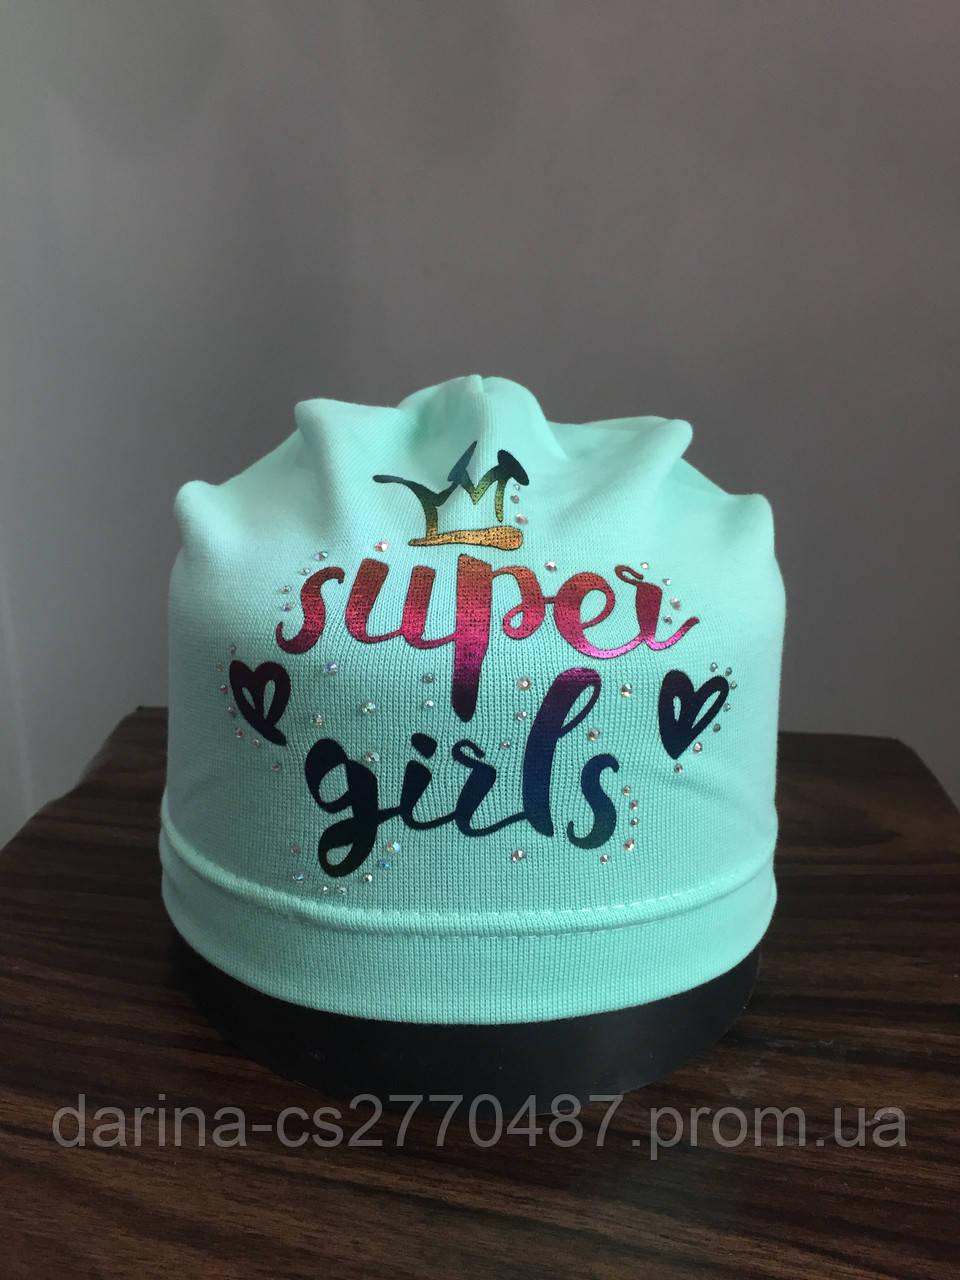 Трикотажная однослойная шапка с принтом для девочки